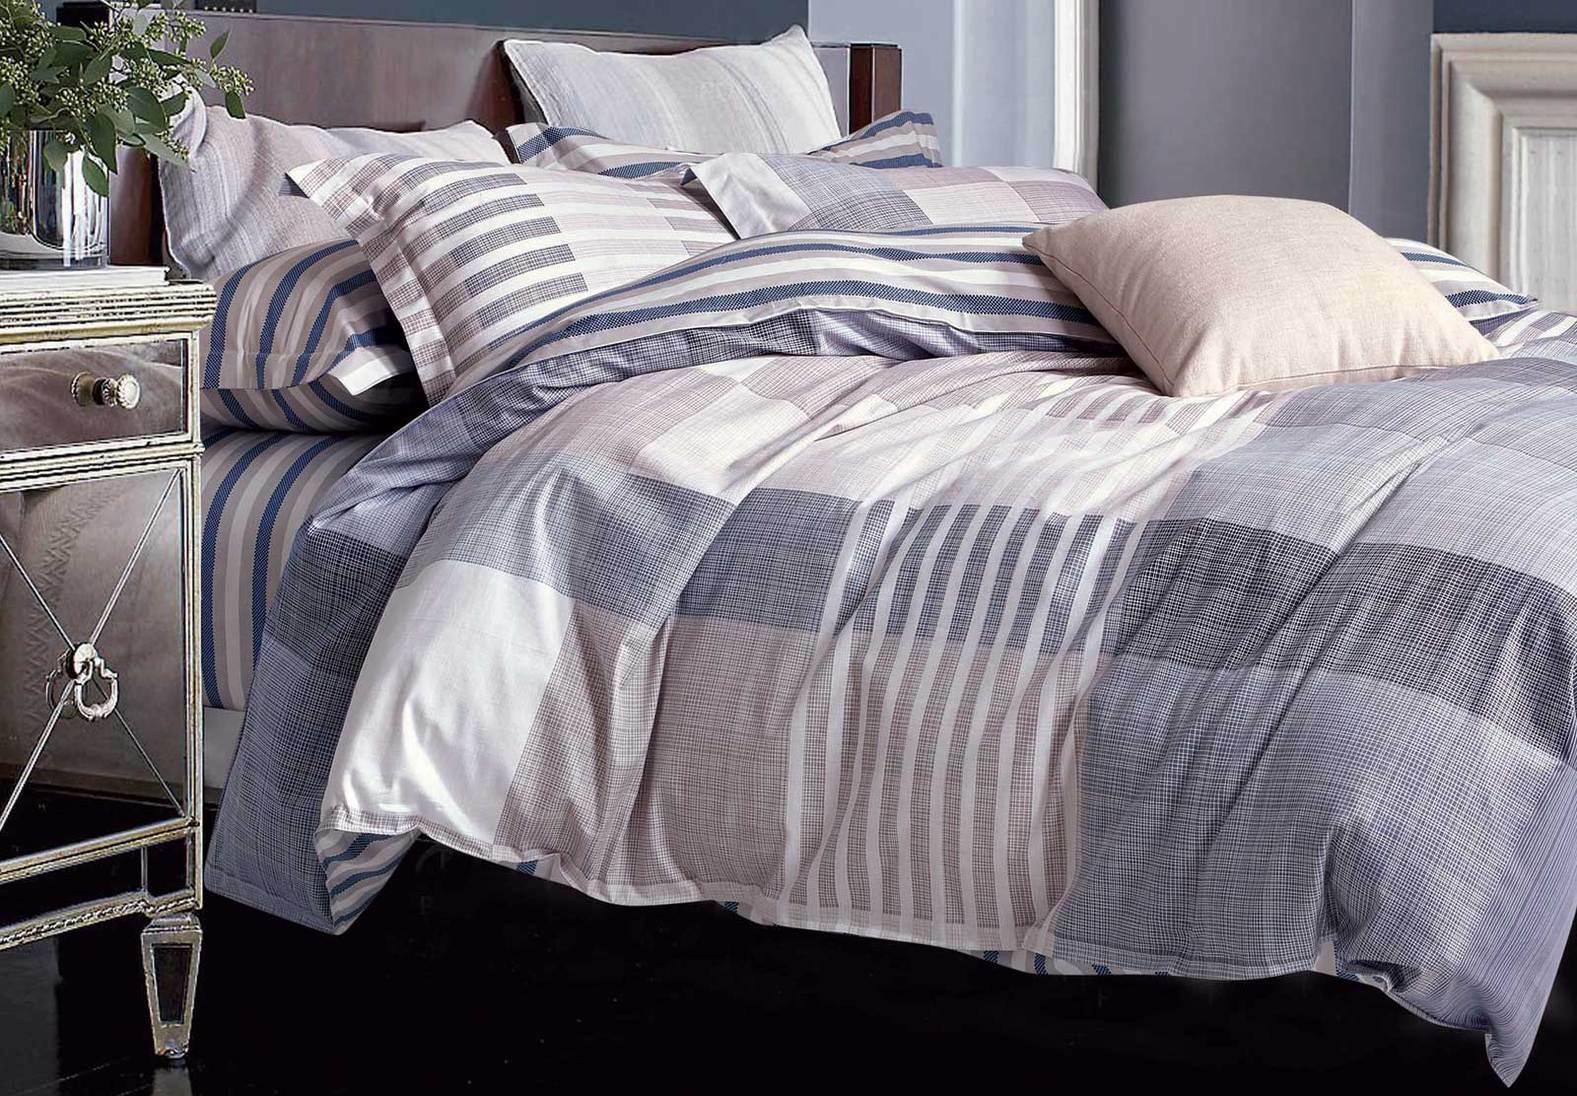 buy queen quilt covers in Australia